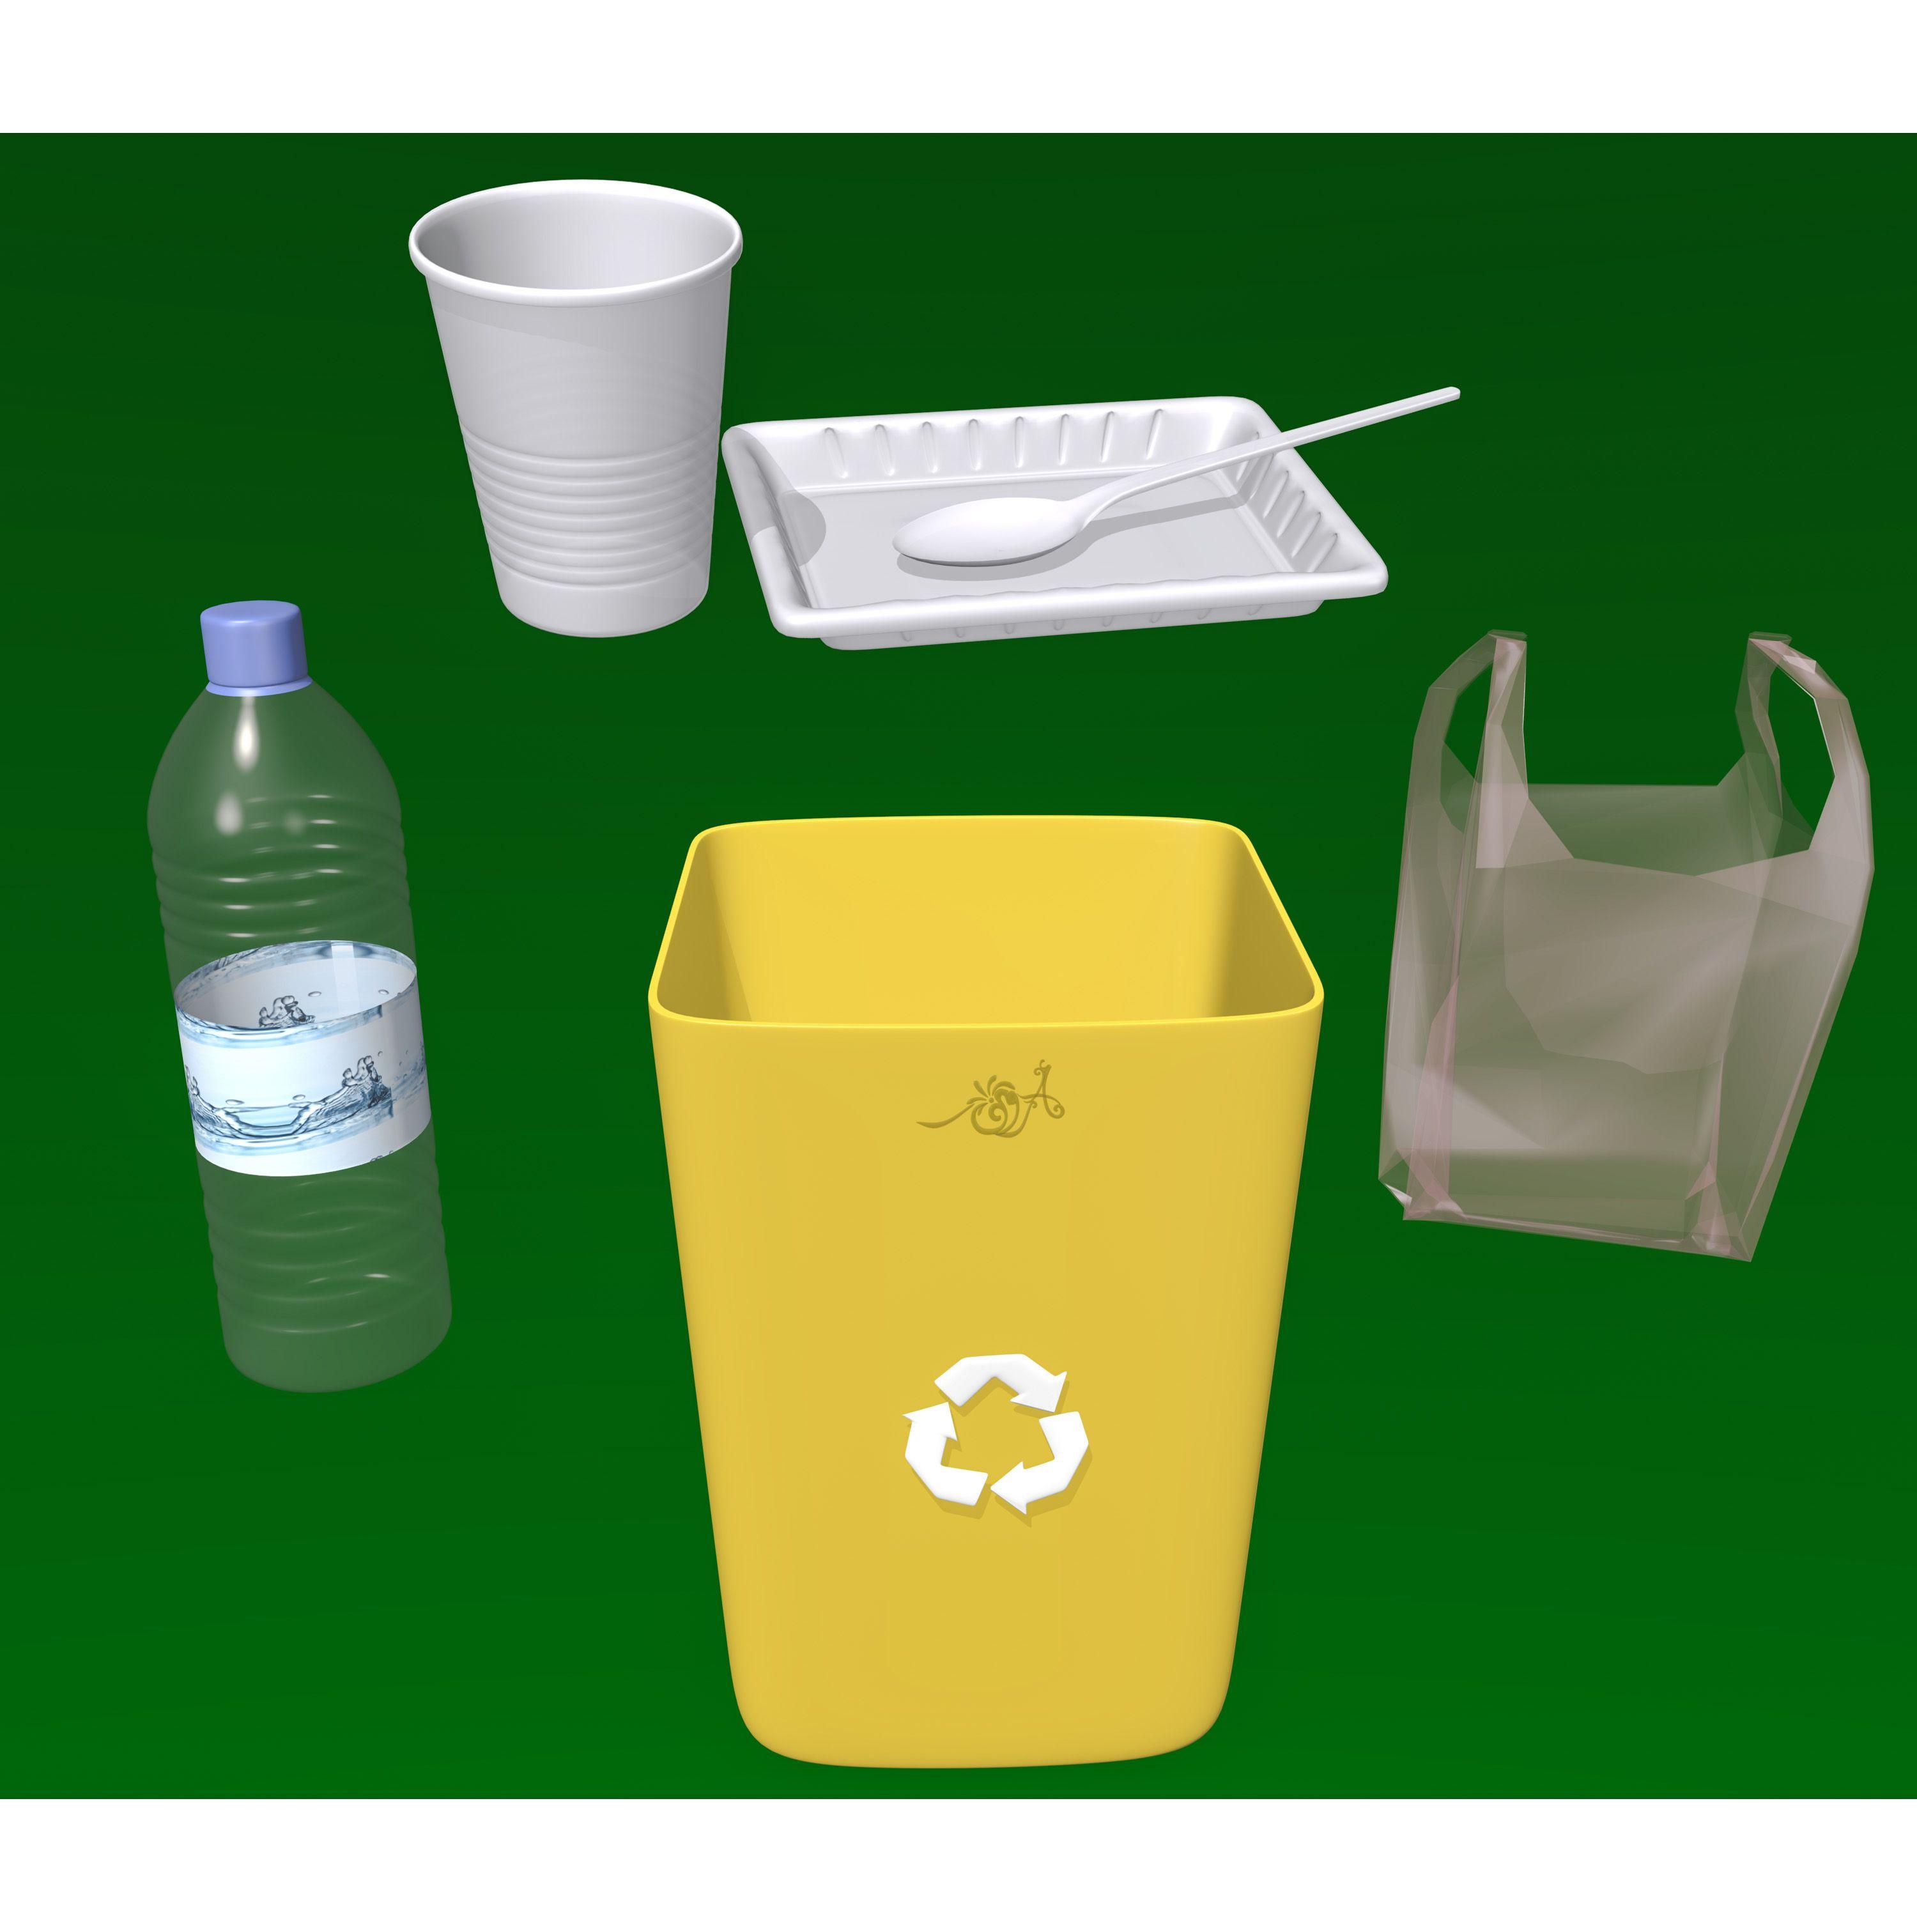 إعادة التدوير بلاستيك Glassware Tableware Kitchen